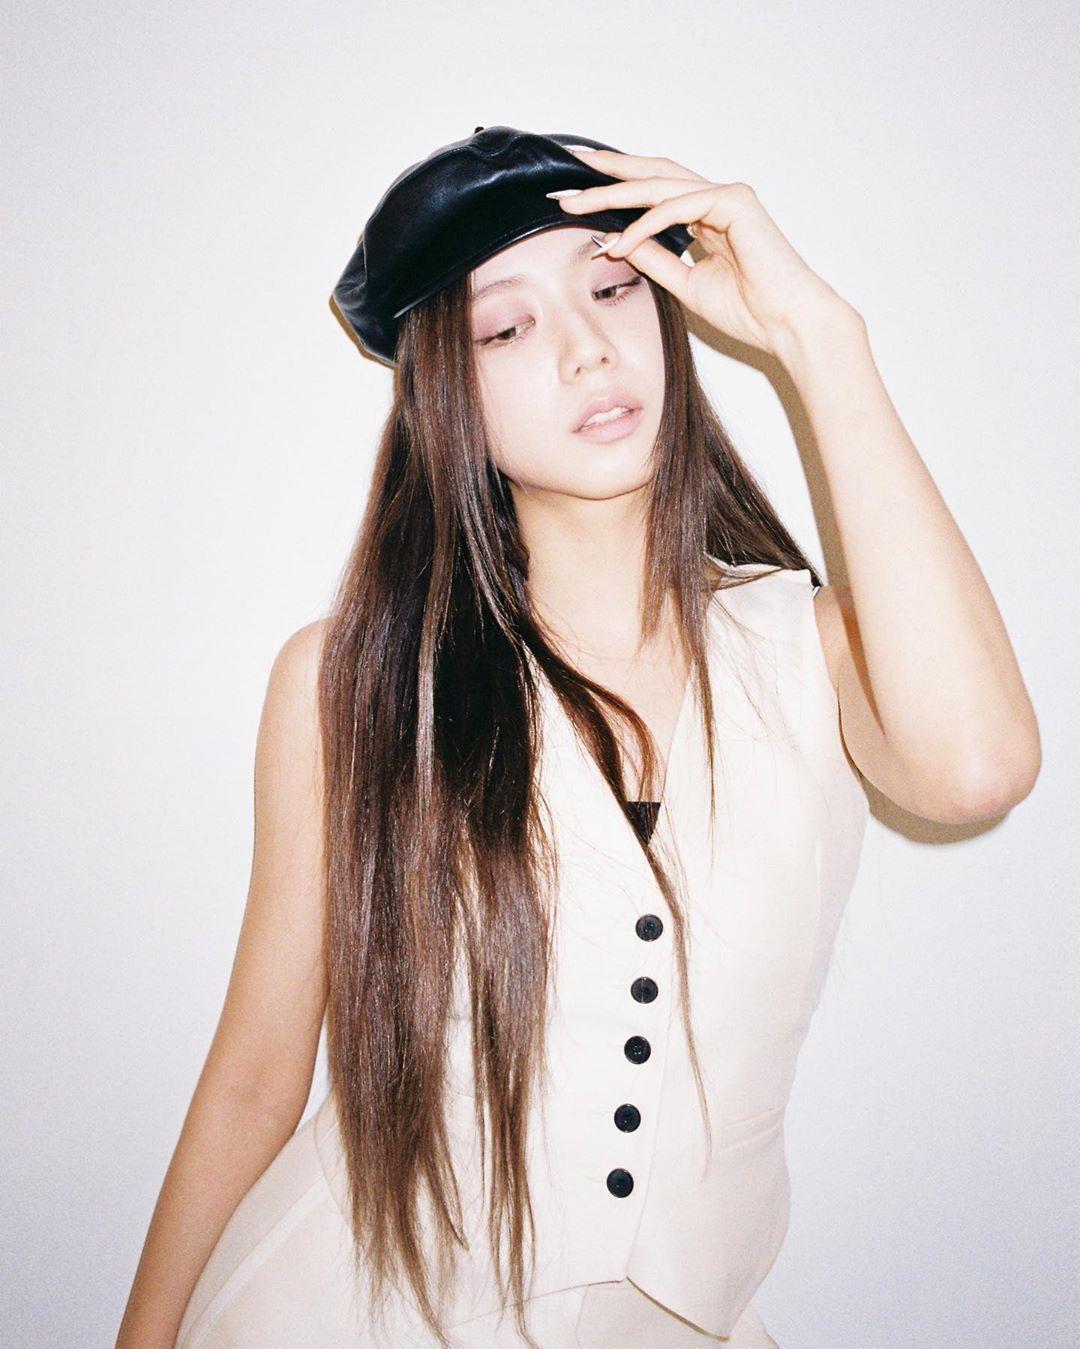 Ji Soo mặc gilet theo phong cách mạnh mẽ, đúng tinh thần mà nhà mốt Dior năm nay muốn truyền tải. Cô kết hợp cùng mũ newsboy để thêm phần cá tính.